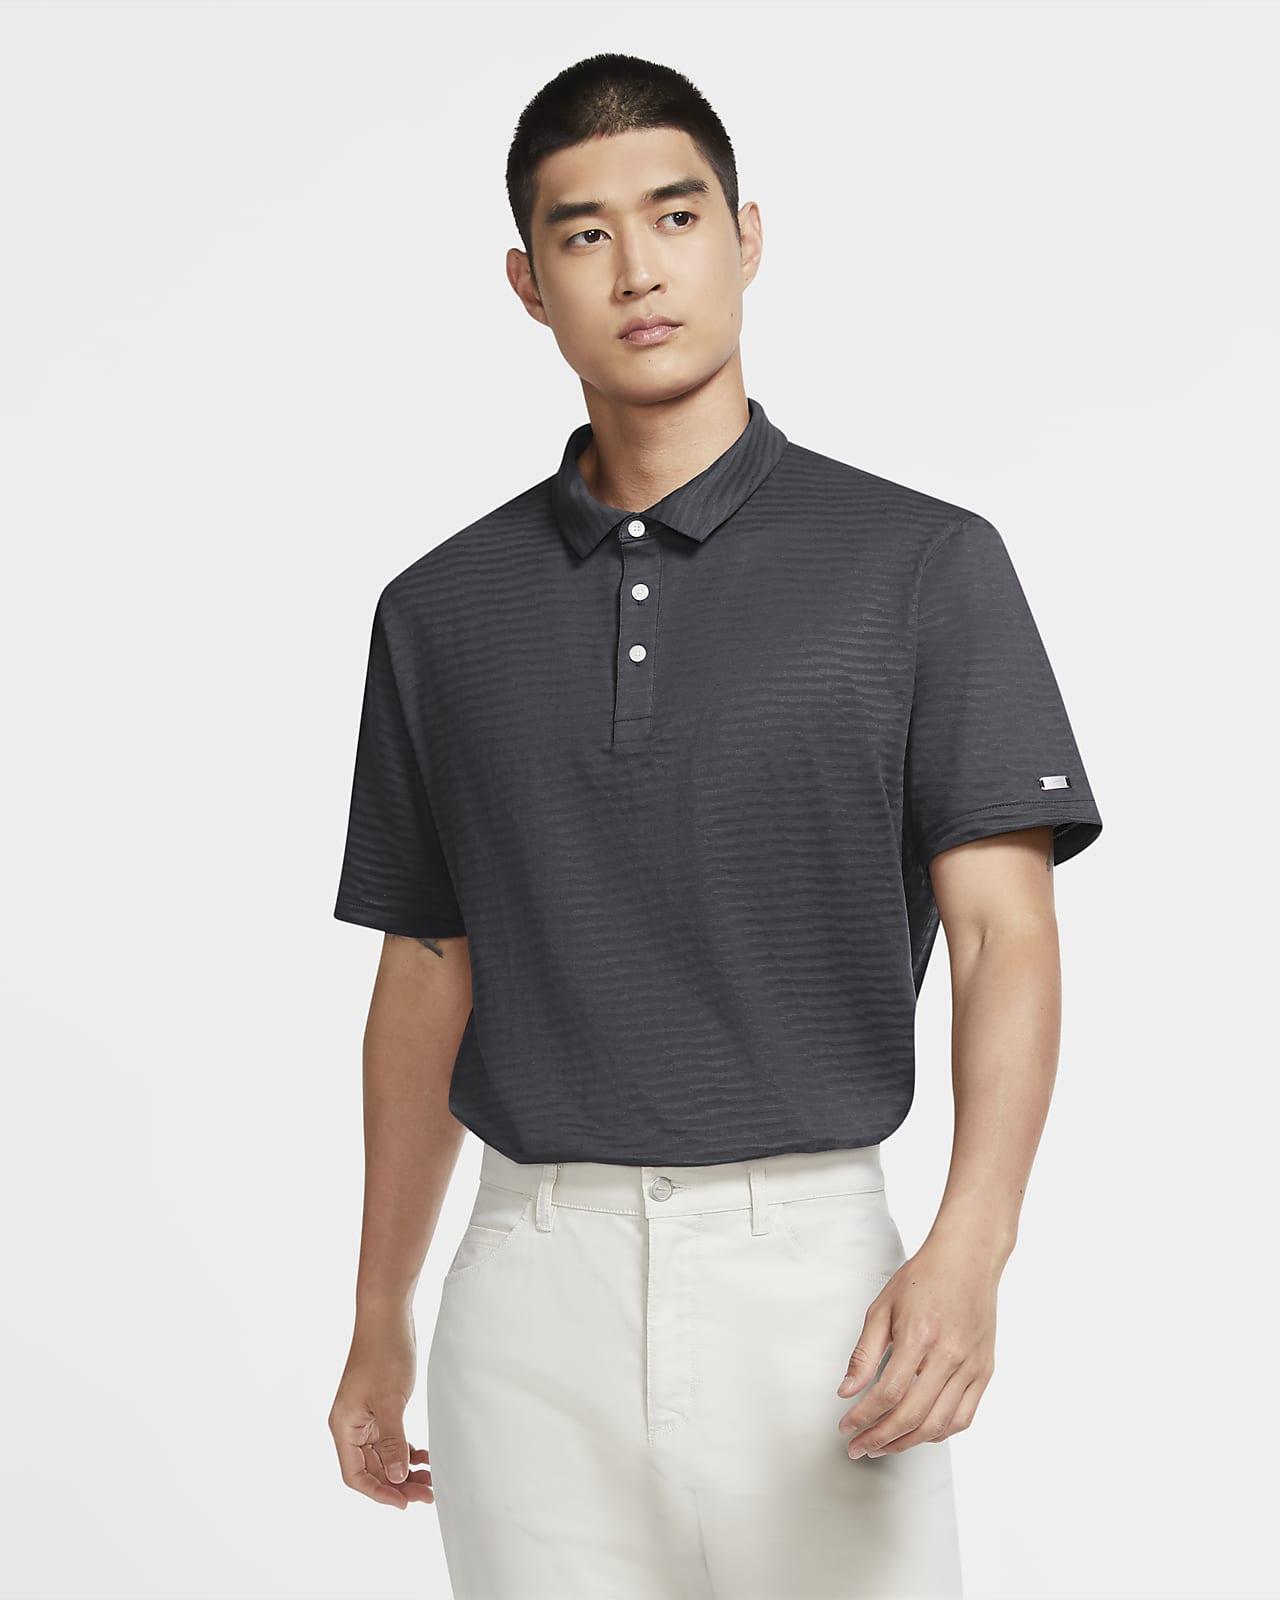 เสื้อโปโลกอล์ฟผู้ชาย Nike Dri-FIT Player